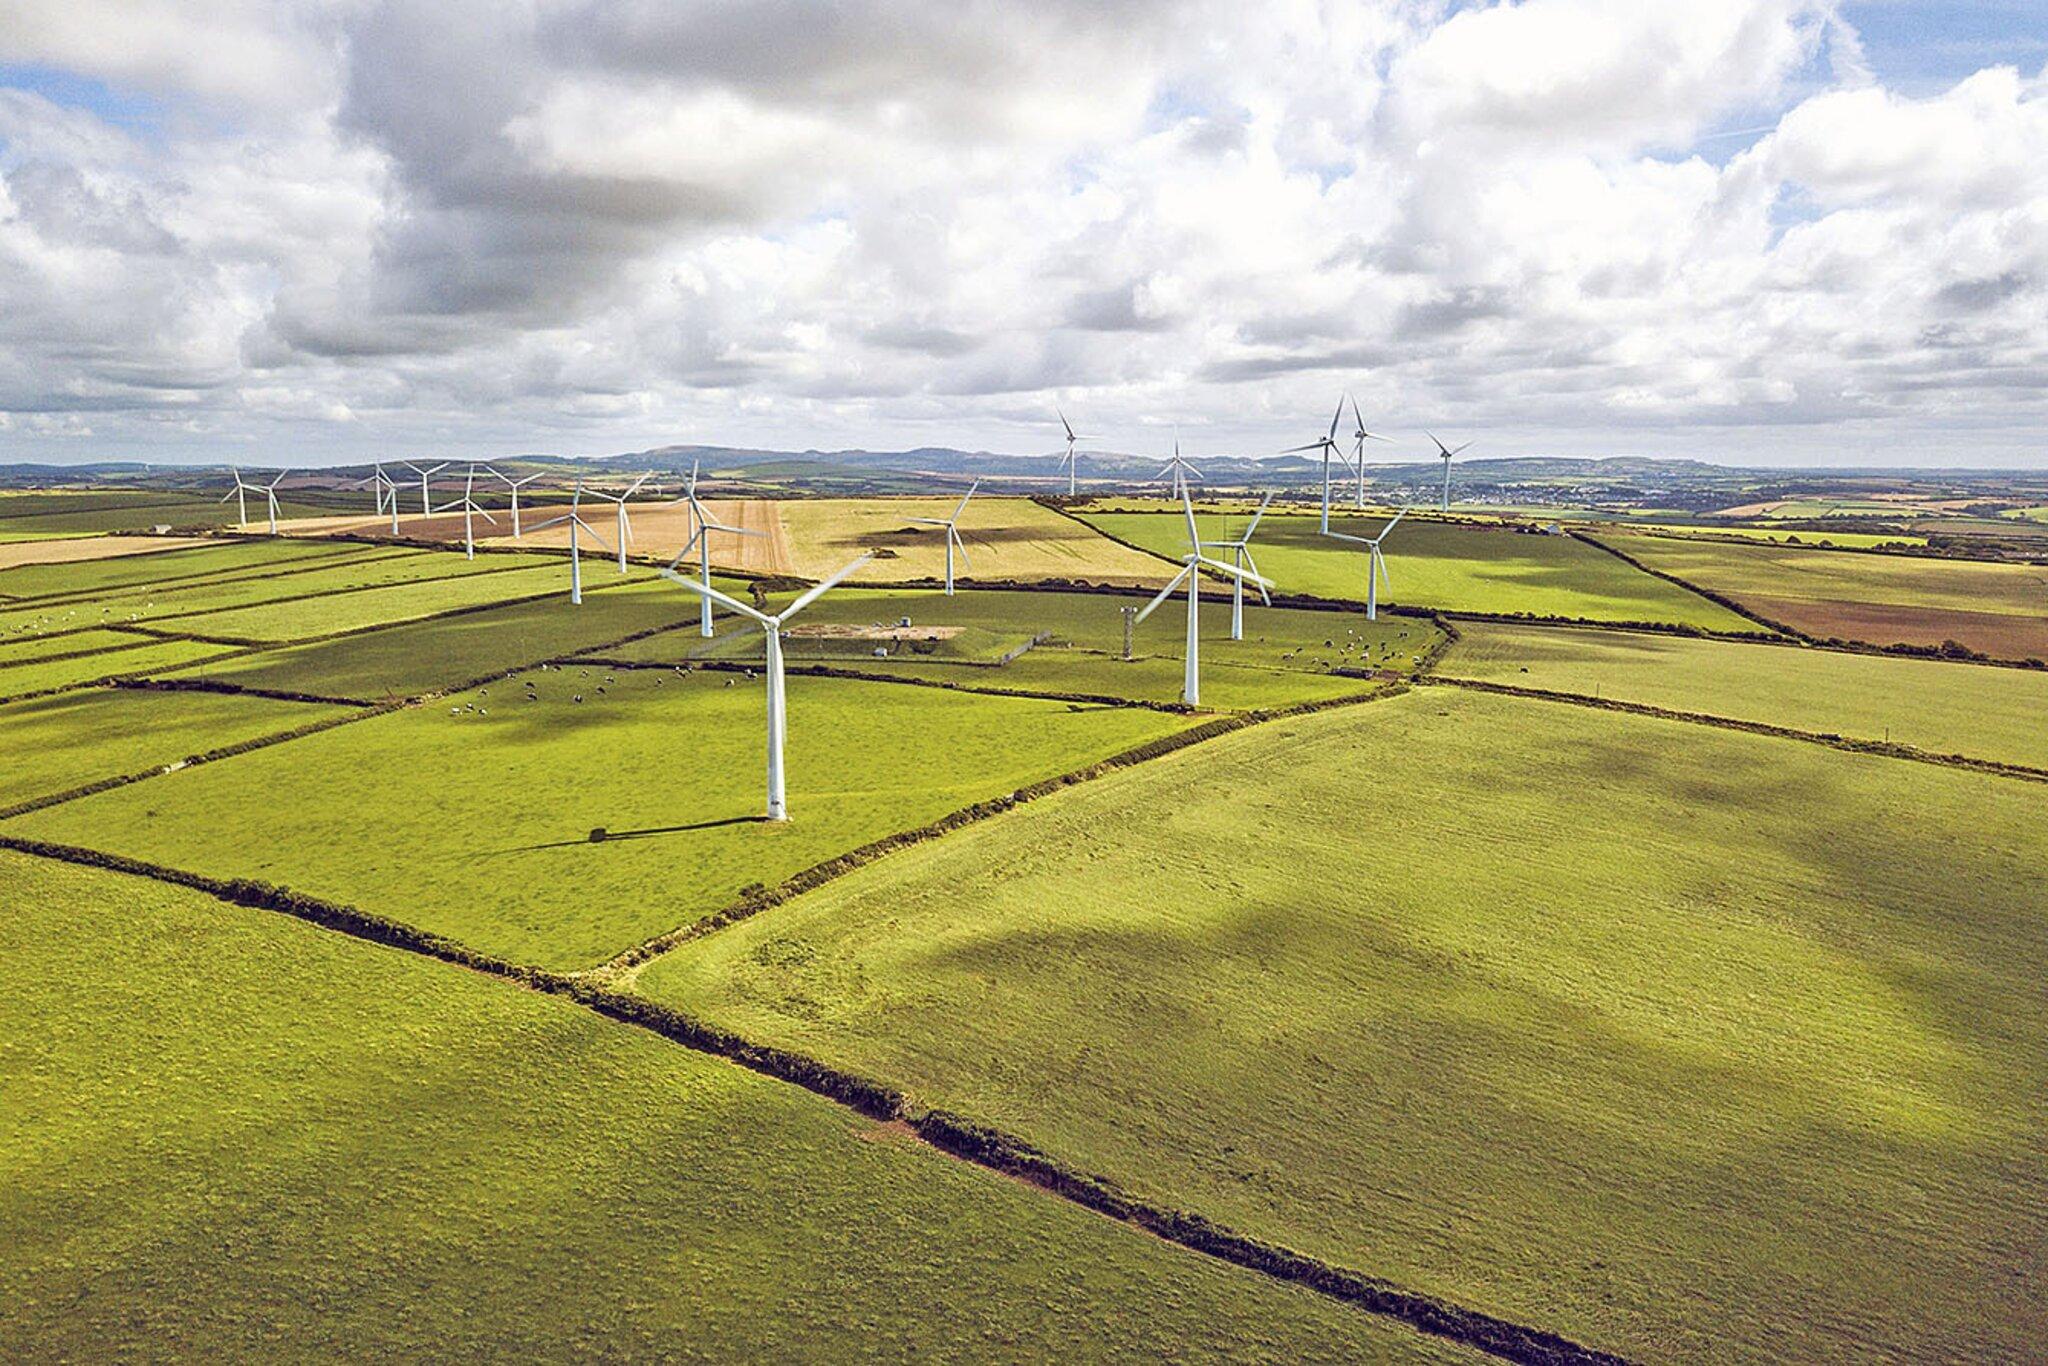 Lust auf grüne Energie                                                                  Studien zeigen: Deutsche setzen auf Ökostrom und Photovoltaik